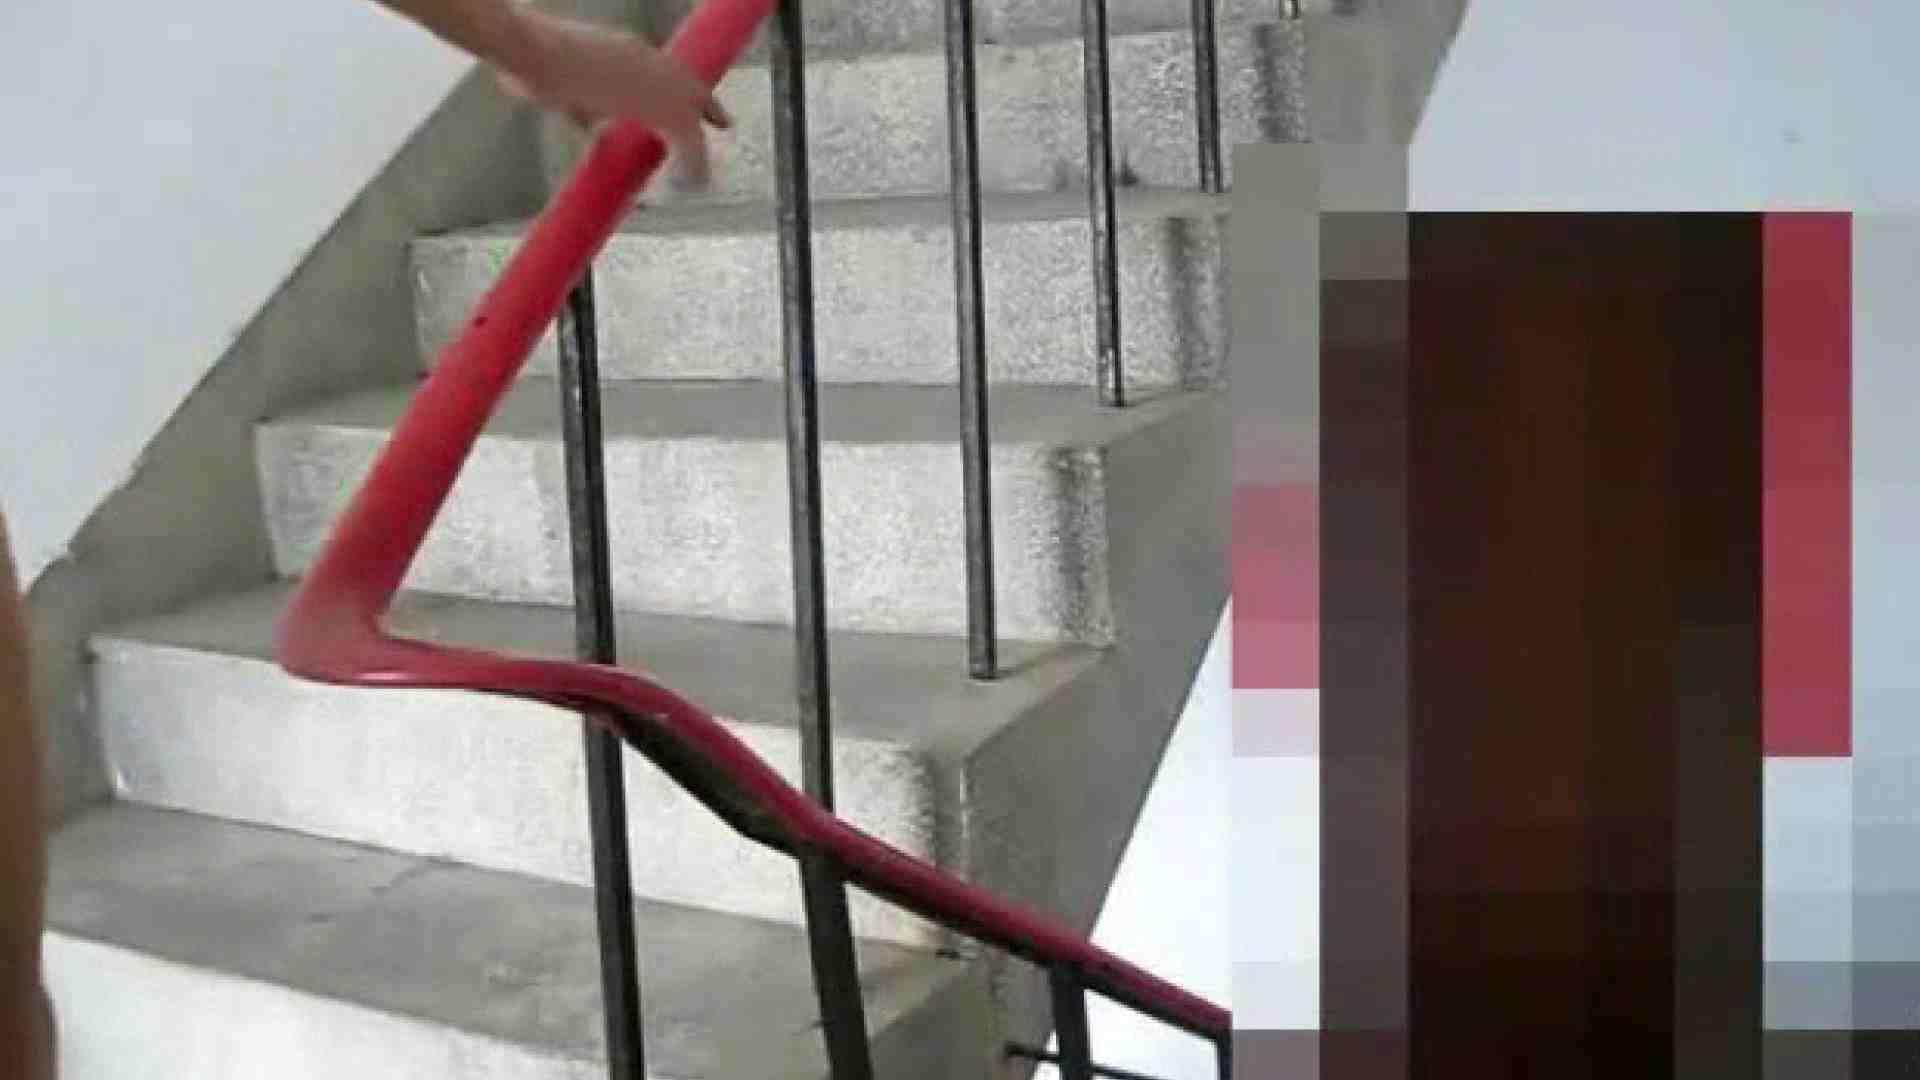 おちんちん|オナニー階段でシコる!|ミサイルゲイボーイ